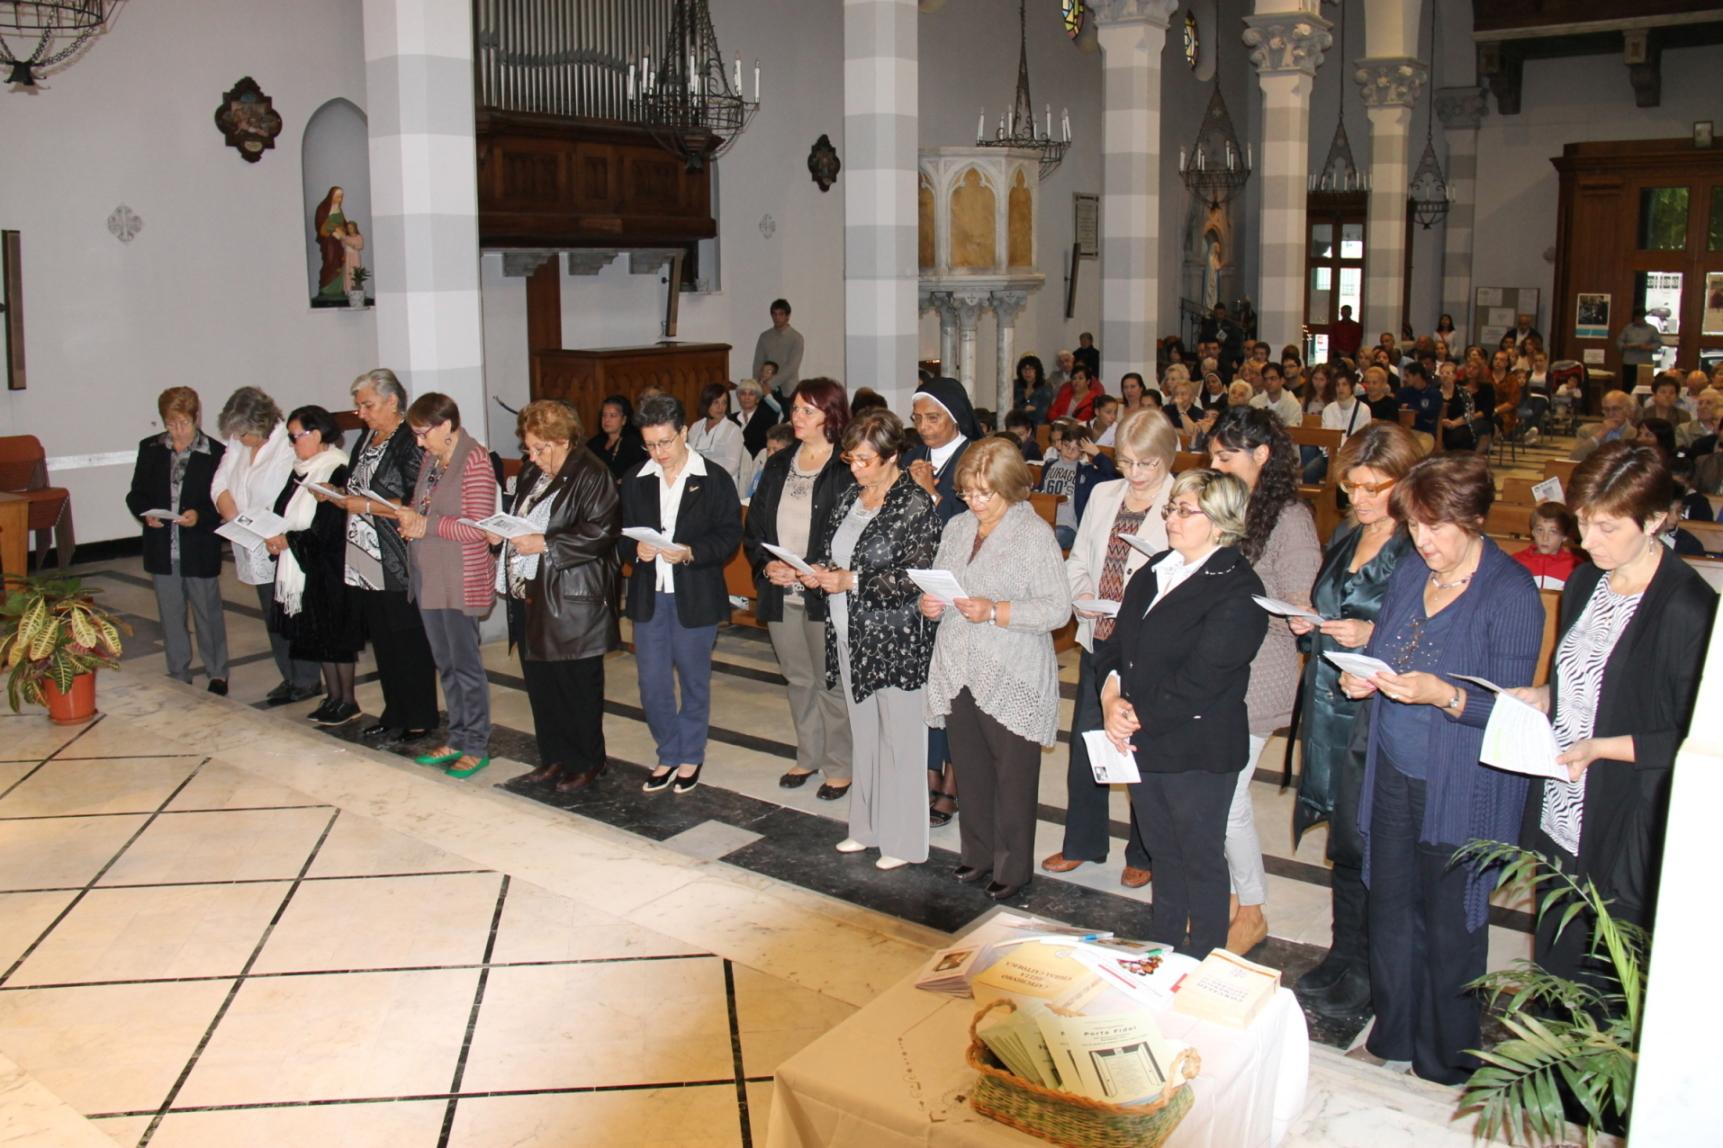 inaugurazione_anno_catechistico_e_anno_della_fede_2012-10-07-11-28-45